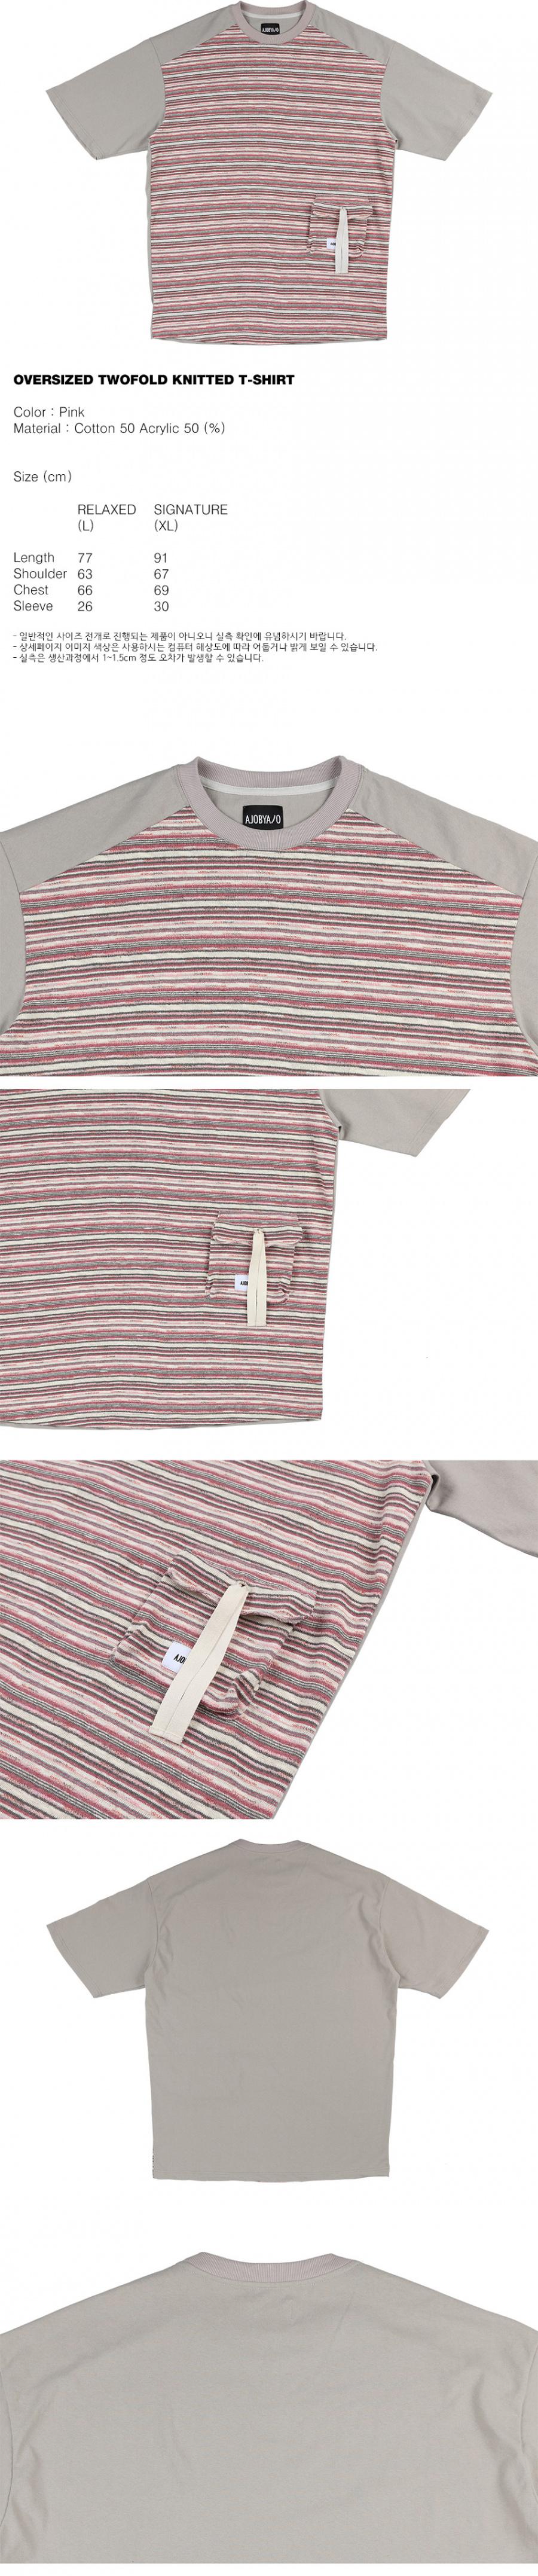 아조바이아조 오리지널 라벨(AJOBYAJO ORIGINAL LABEL) Oversized Twofold Knitted T-Shirt [Pink]